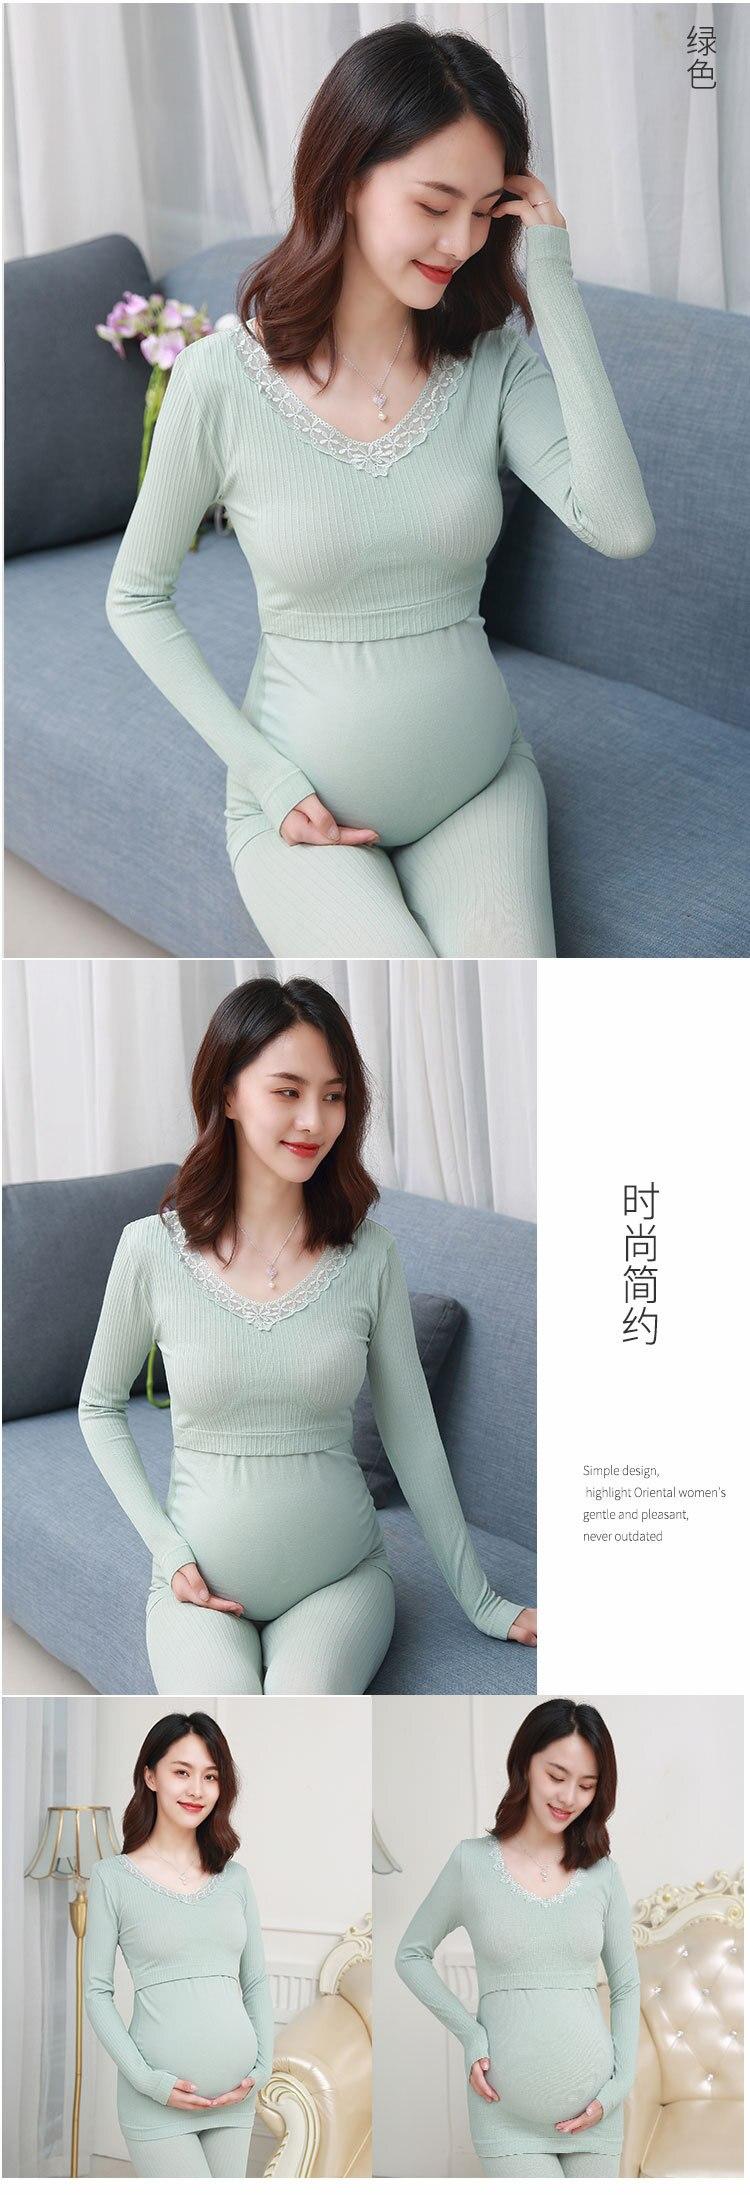 Mulheres grávidas conjuntos de pijamas elásticos fina